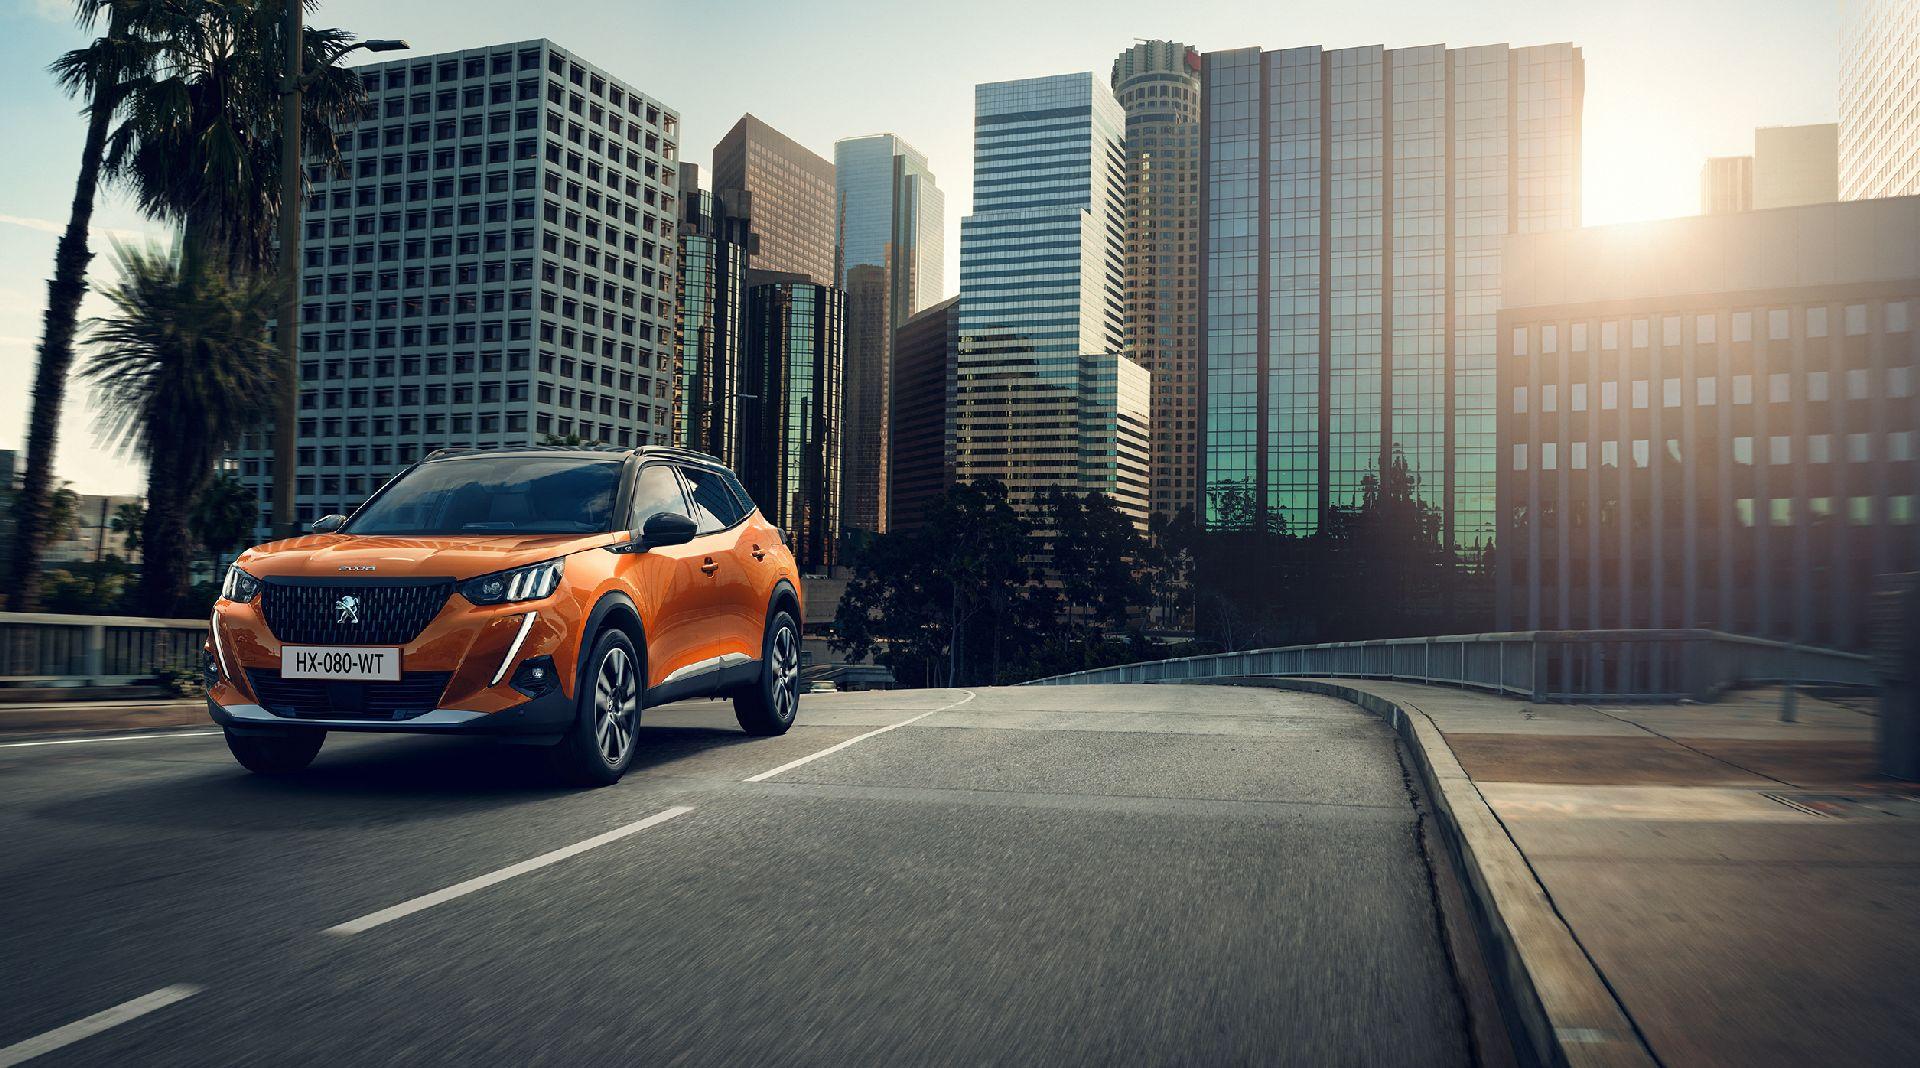 Peugeot giới thiệu thế hệ mới 2008 có thêm phiên bản chạy hoàn toàn bằng điện - 7